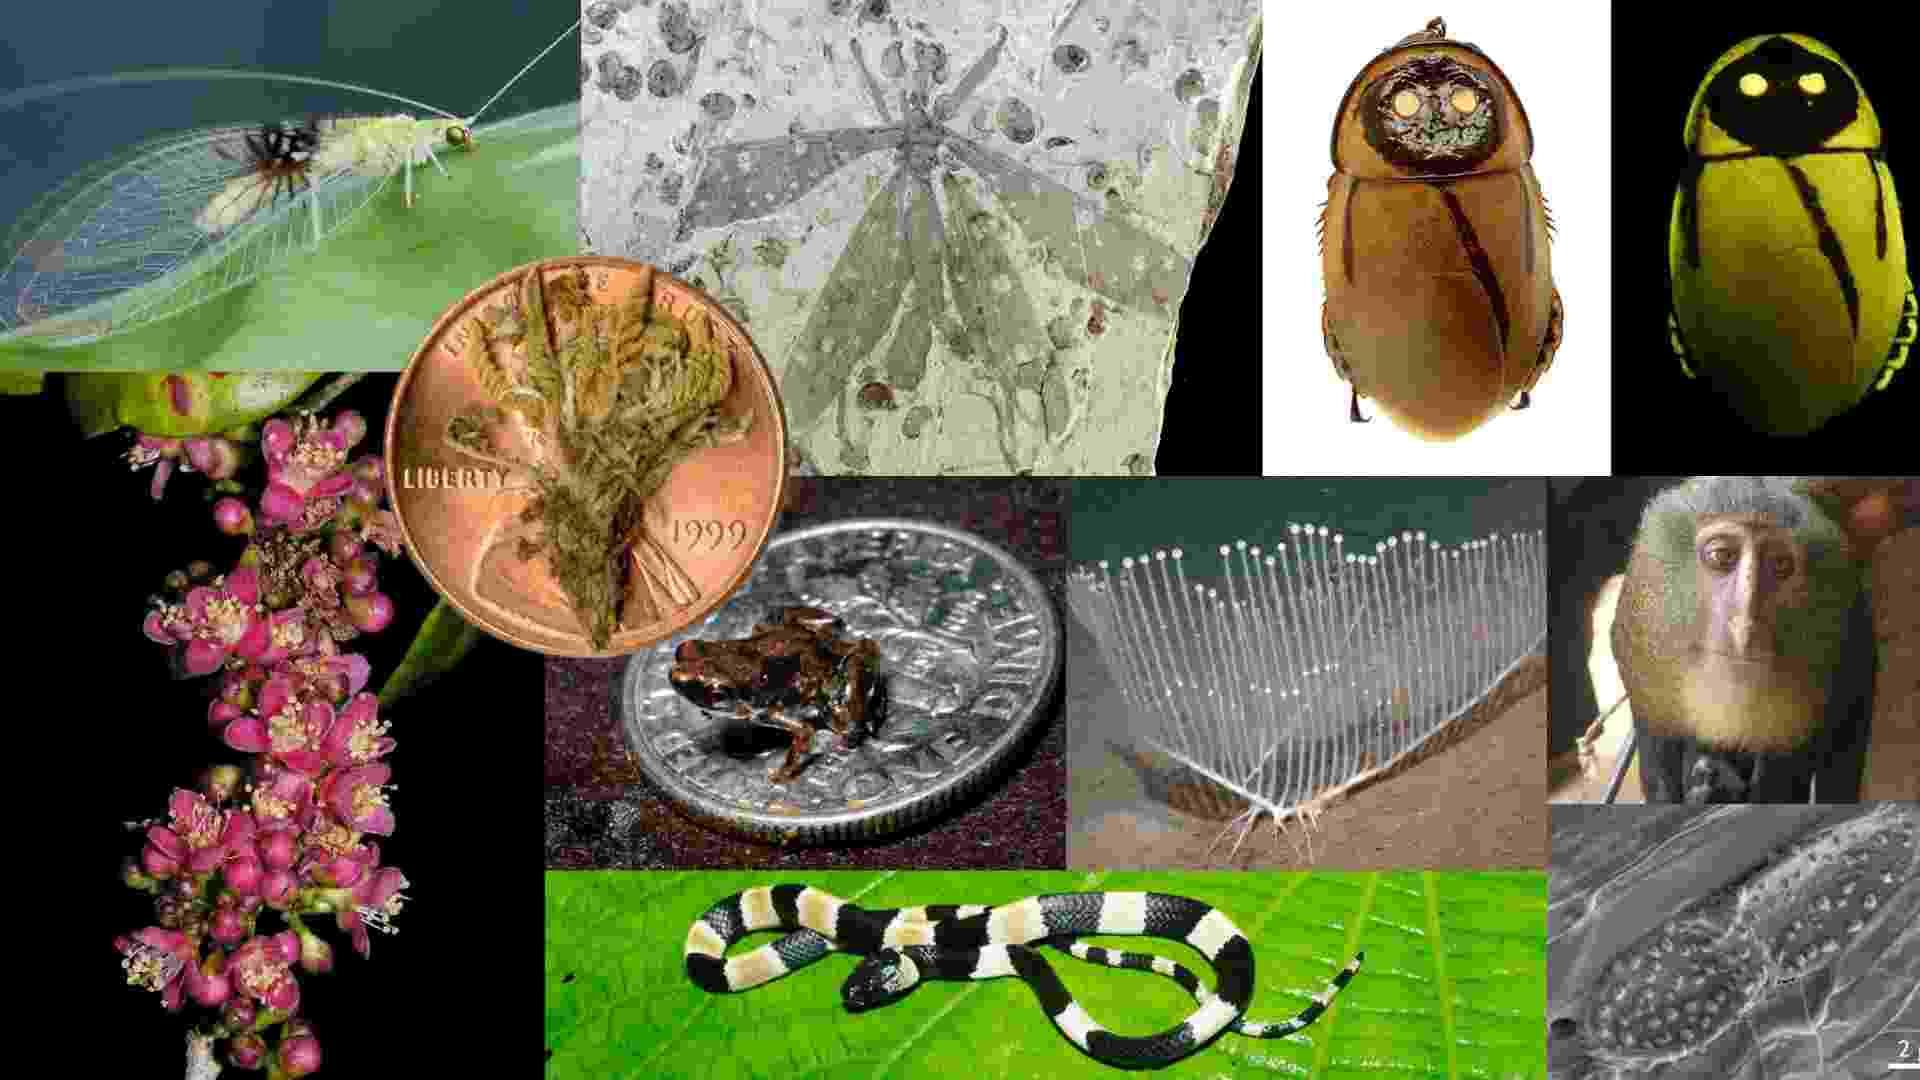 23.mai.2013 - O Instituto Internacional da Exploração de Espécies, da Universidade do Arizona, nos Estados Unidos, divulgou nesta quinta-feira (23) a lista das espécies mais notáveis nomeadas em 2012. O Instituto, que reúne um comitê global de taxonomistas, escolheu os dez seres - seja do mundo botânico, zoológico ou microbiológico - das mais de 140 espécies identificadas cientificamente no ano passado - Jacob Sahertian